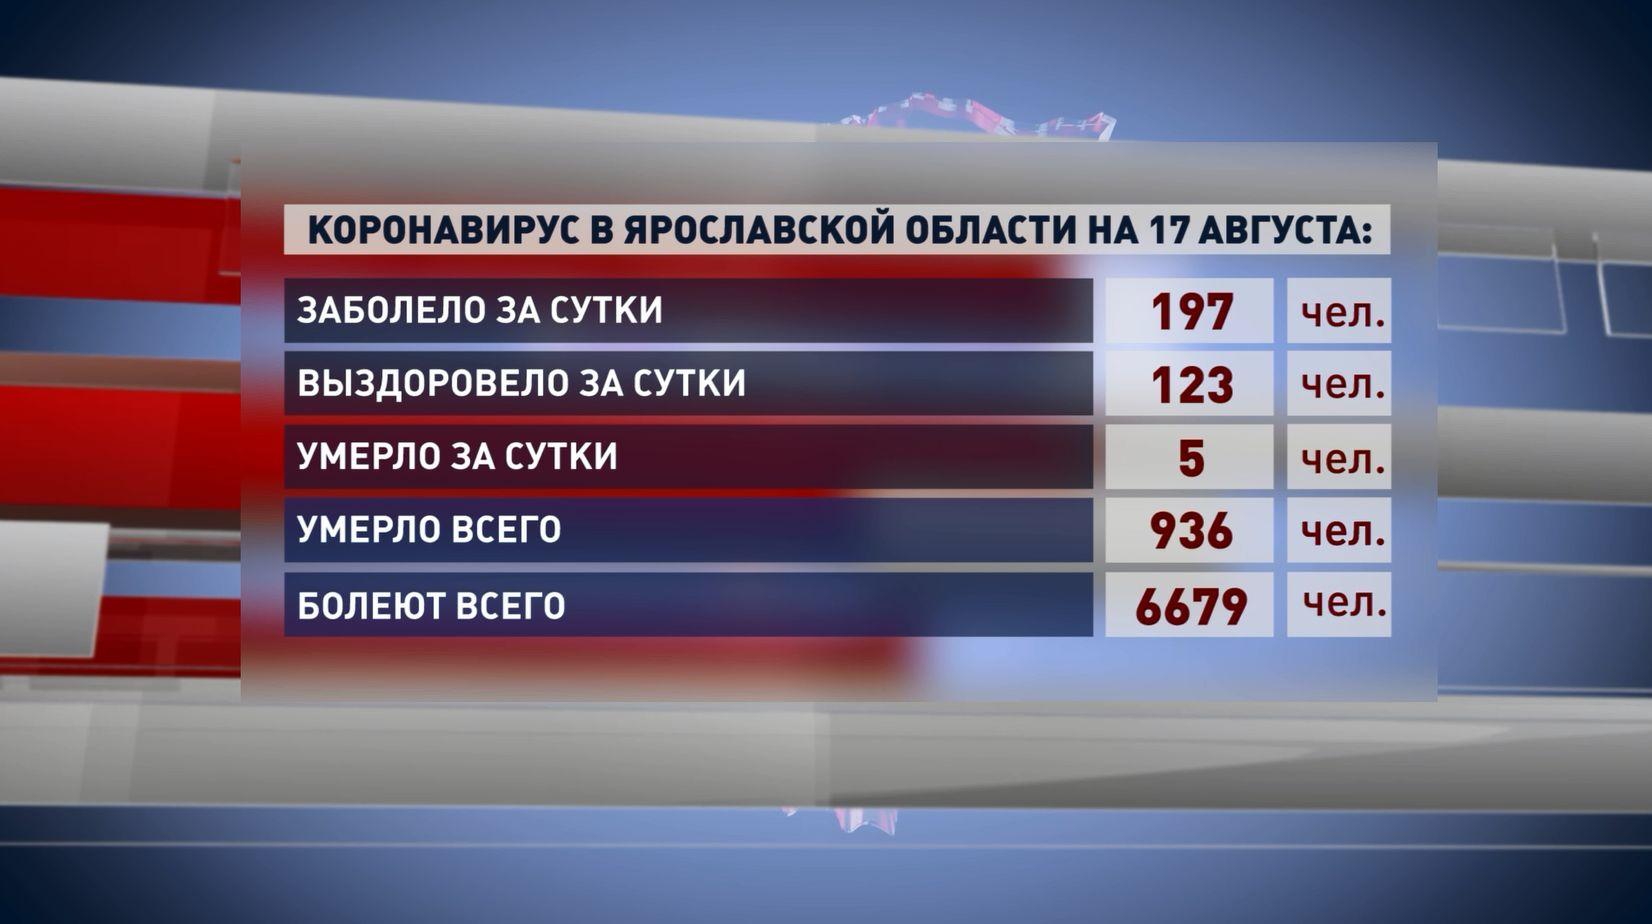 В Ярославской области 197 человек заболели коронавирусом за прошедшие сутки